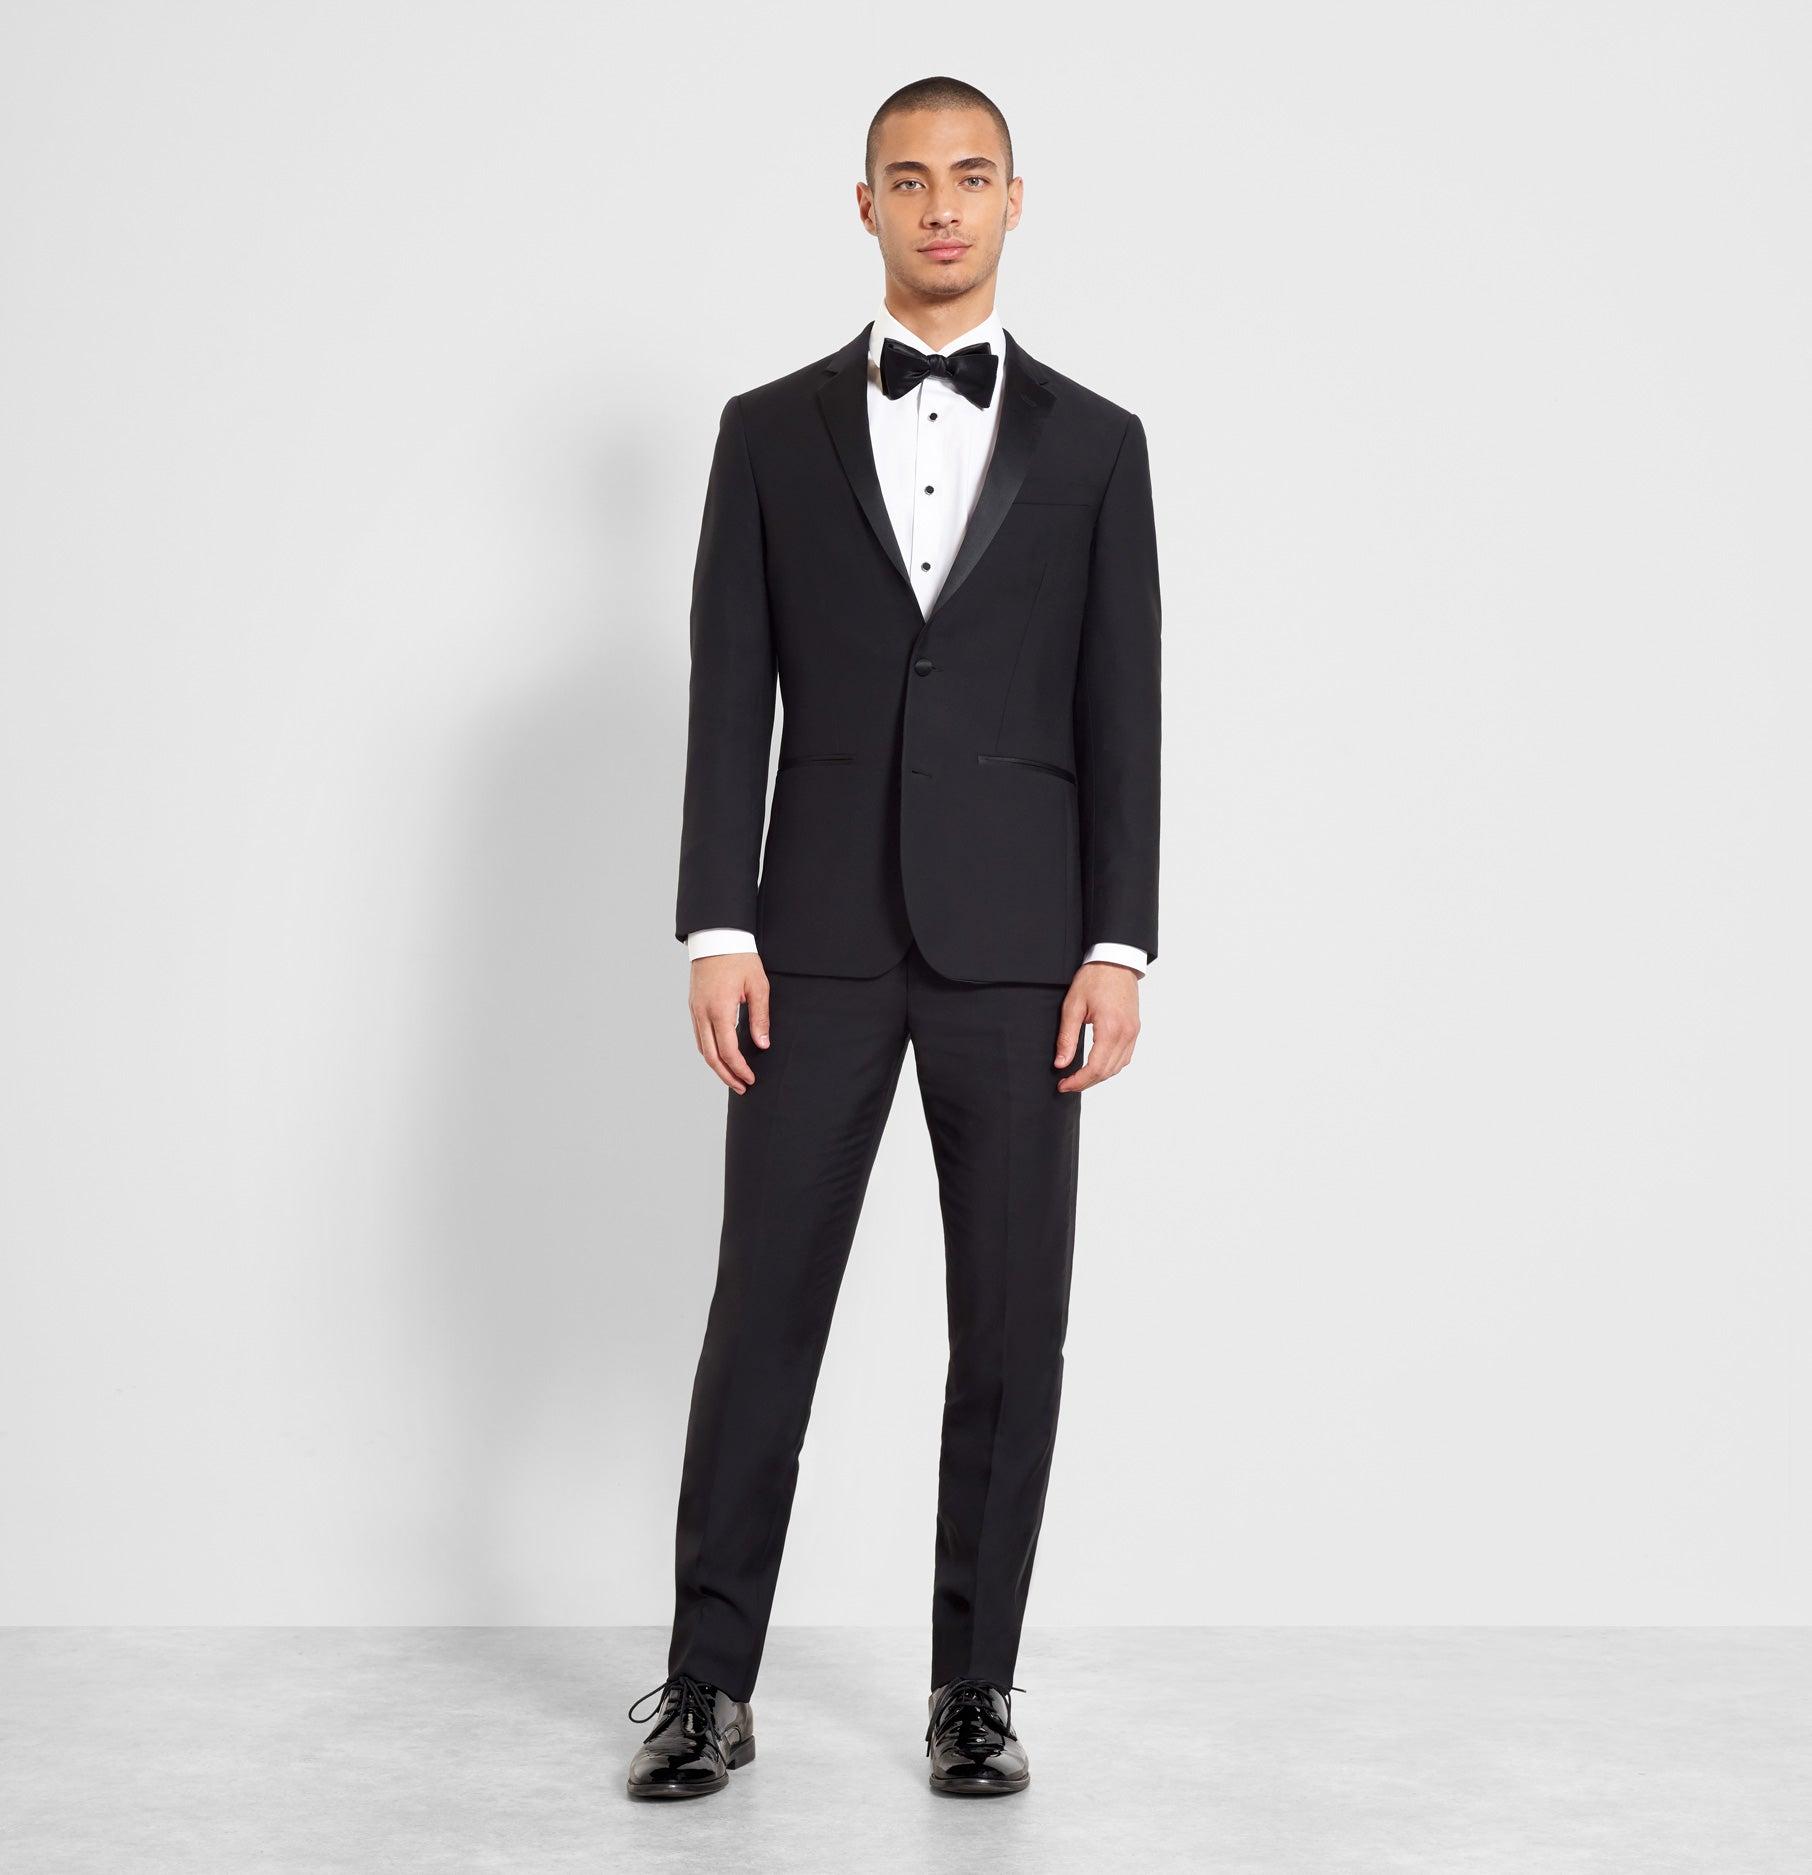 Suit \u0026 Tuxedo Rentals